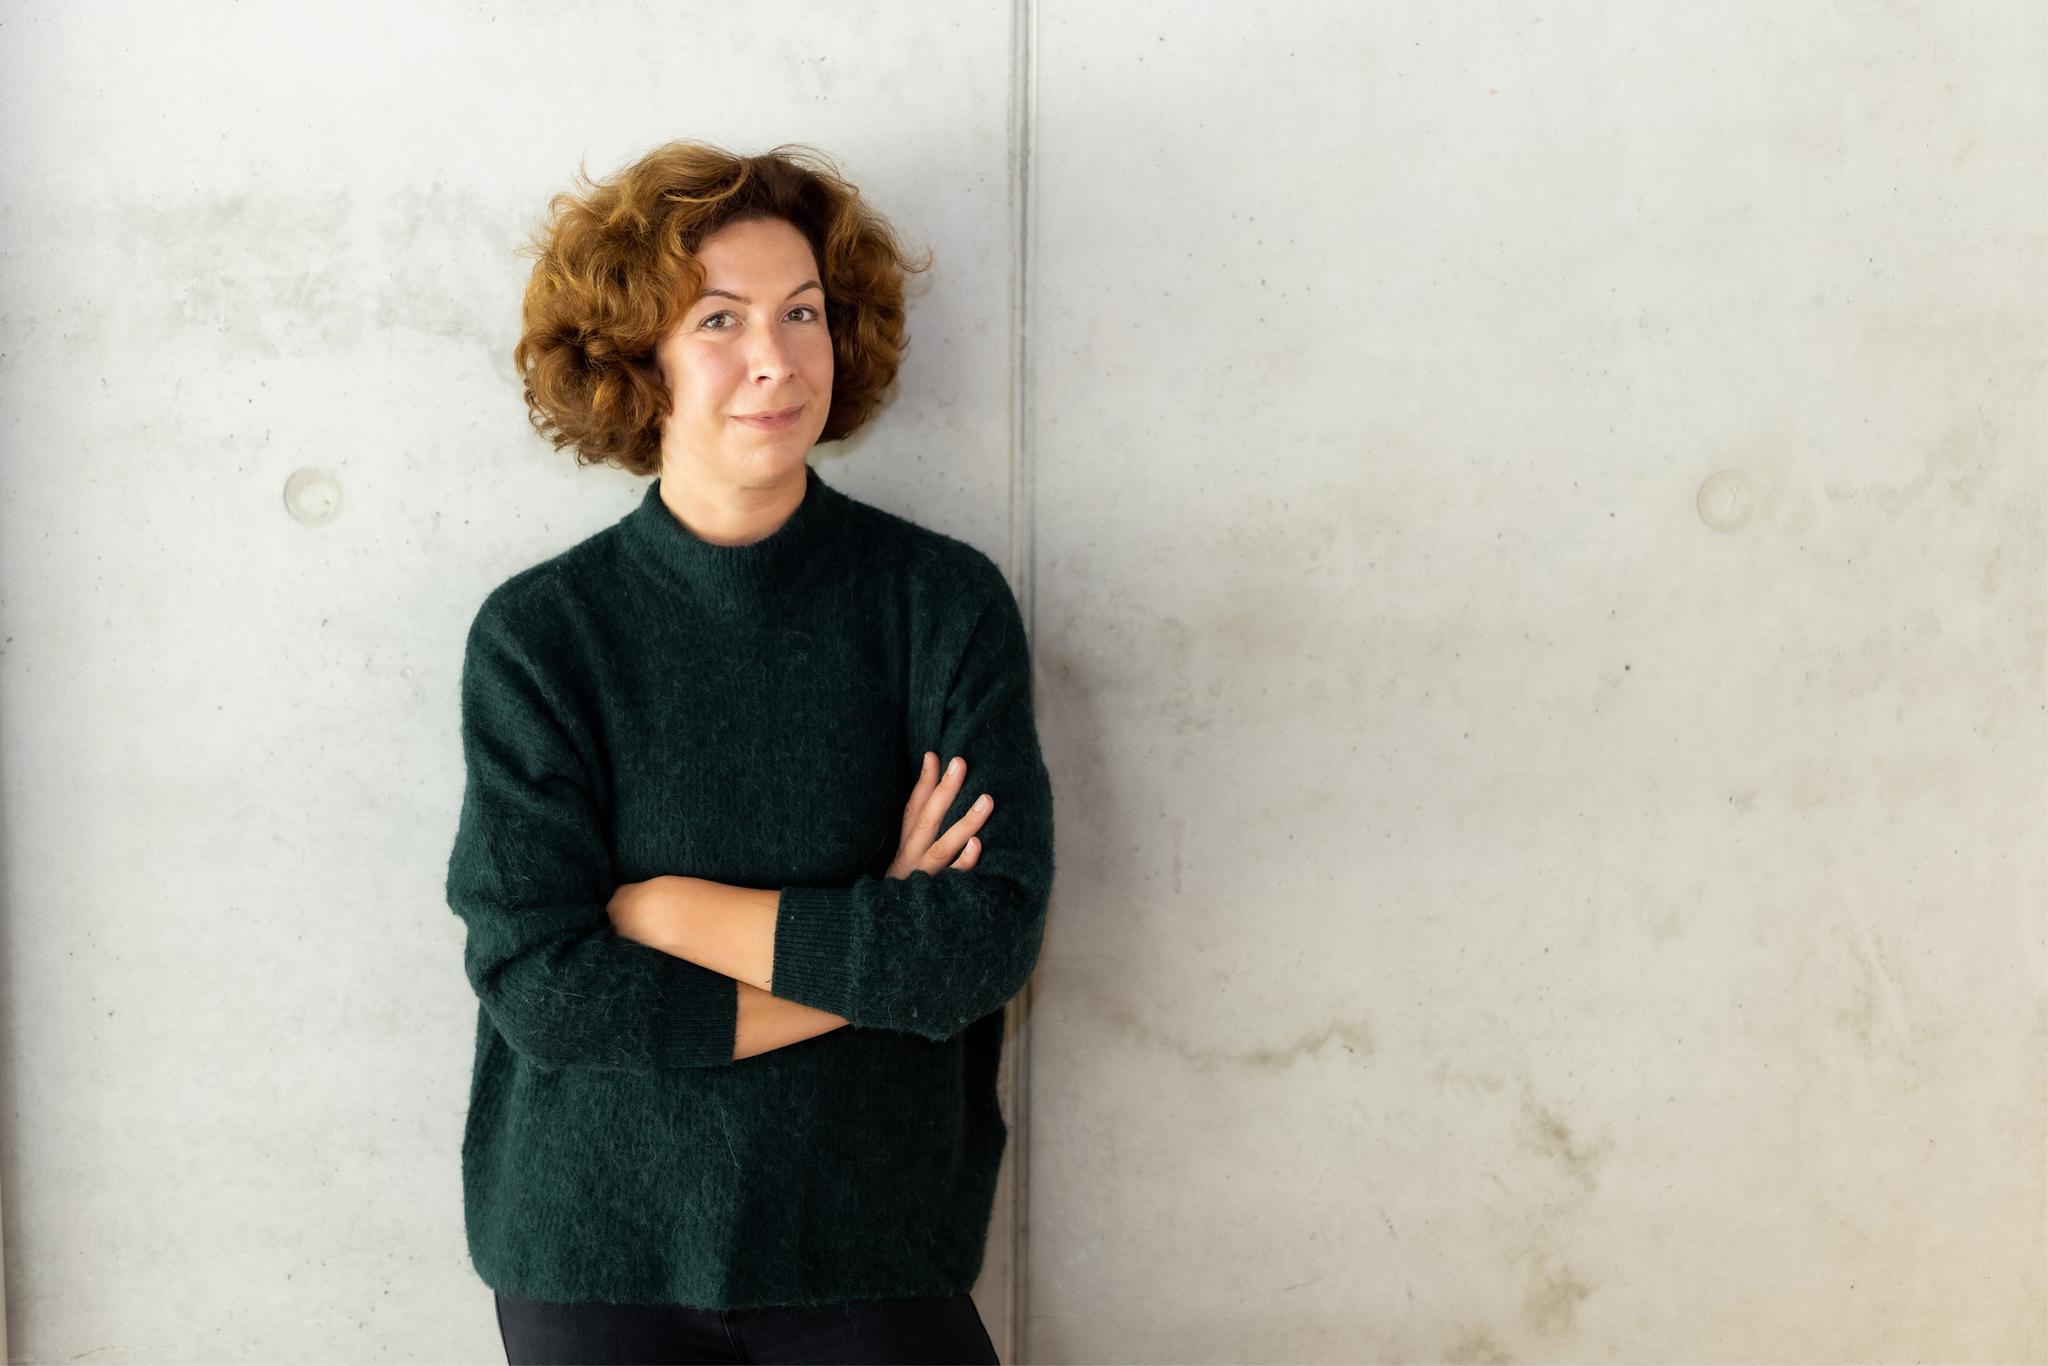 """Kristina Jeromin Kandidatin der B'90/DIE GRÜNEN, zu Gast am 22.09.2021 """"Frauen und Altersarmut"""""""